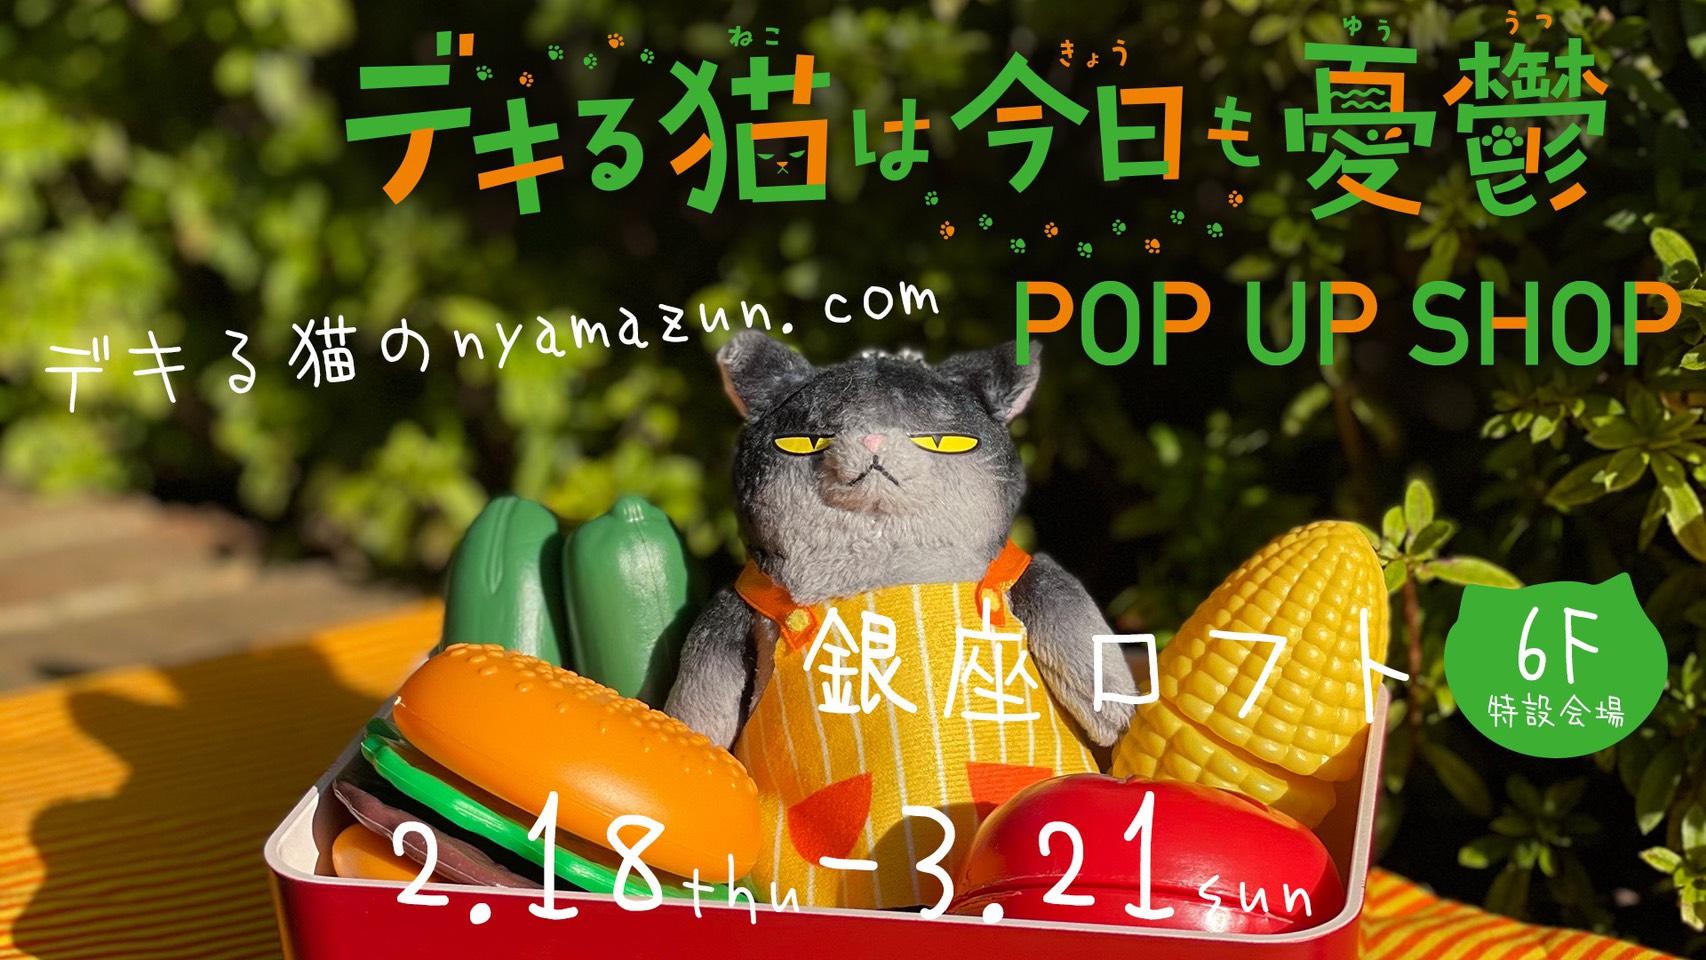 「デキる猫は今日も憂鬱」 デキる猫のnyamazun.com POP UP SHOP開催決定!